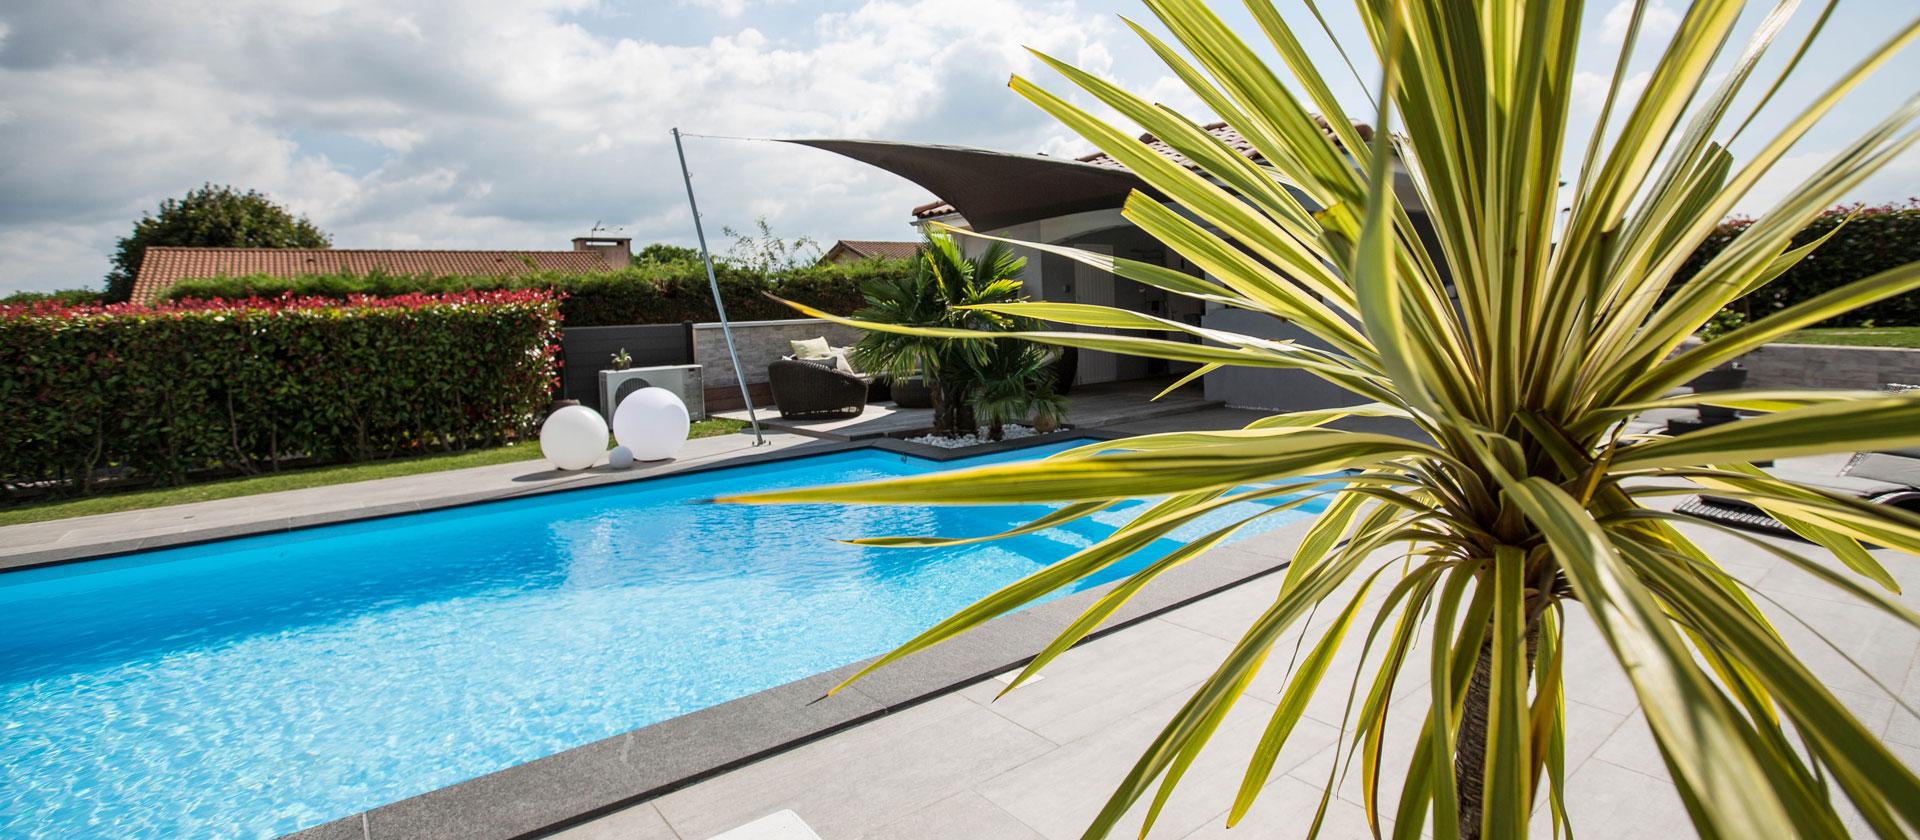 Couleur piscine fabricant piscines et vente d for Piscine fabricant